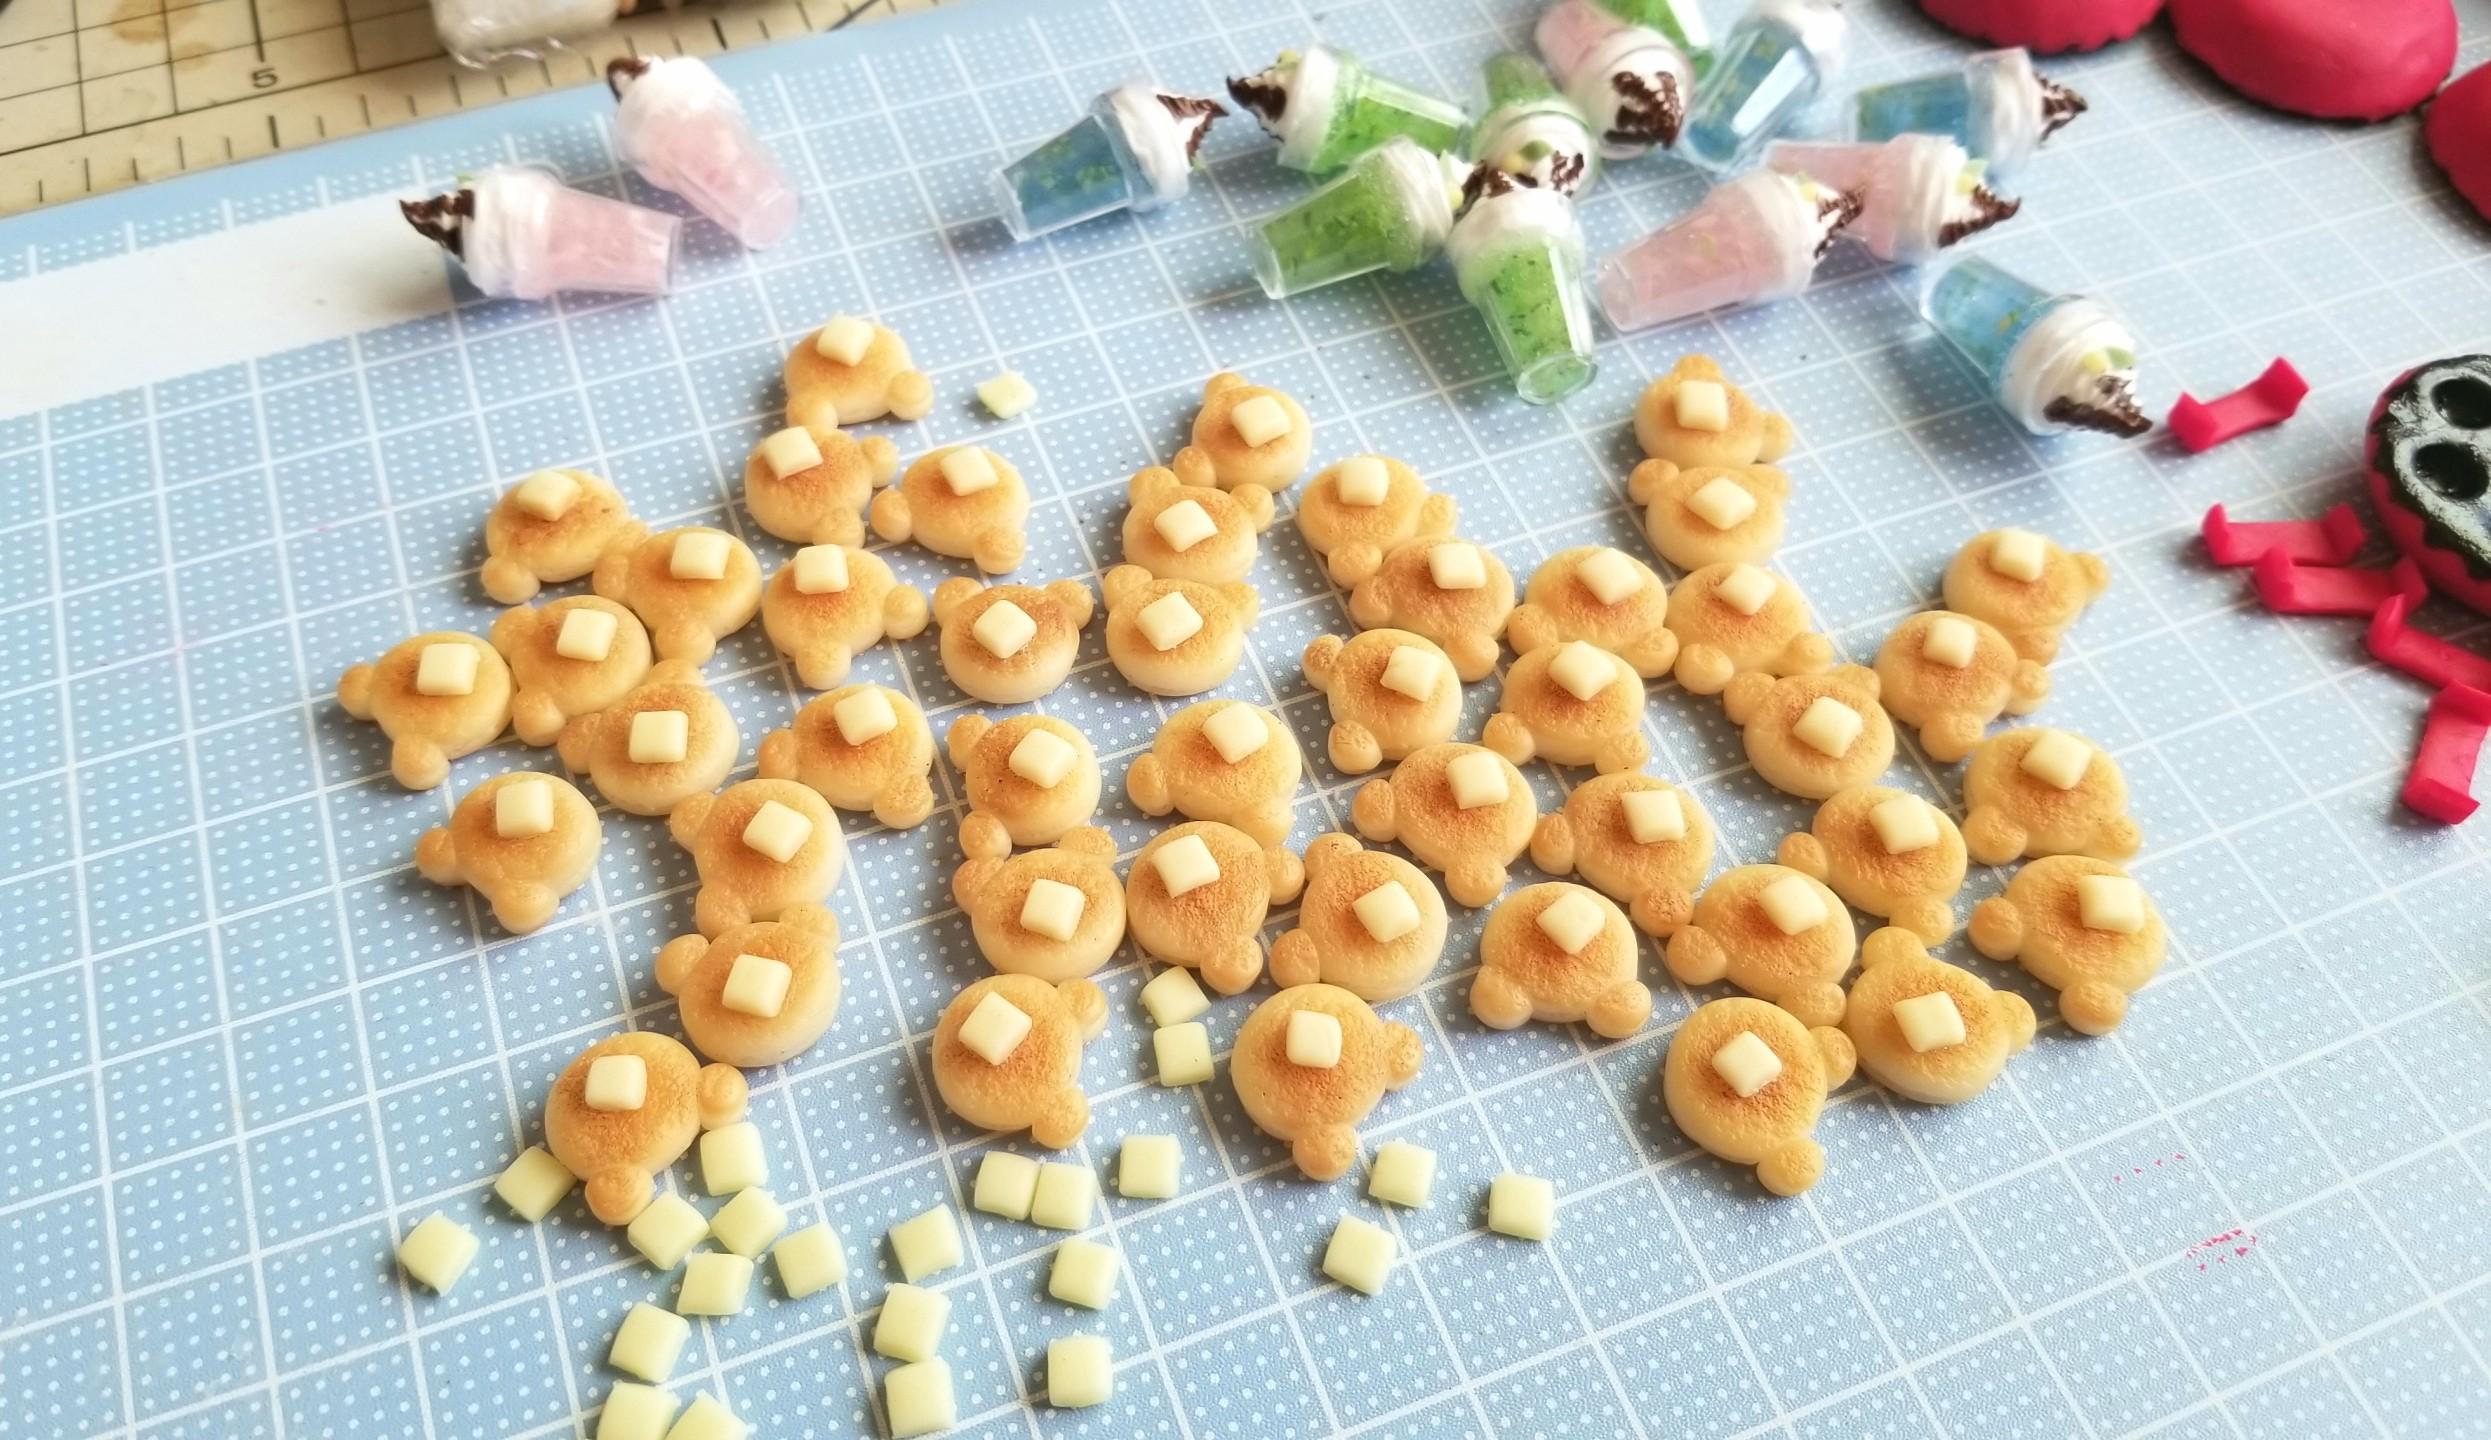 作り方,クマちゃん,ホットケーキ,粘土,ミニチュア,着色,人形,食玩